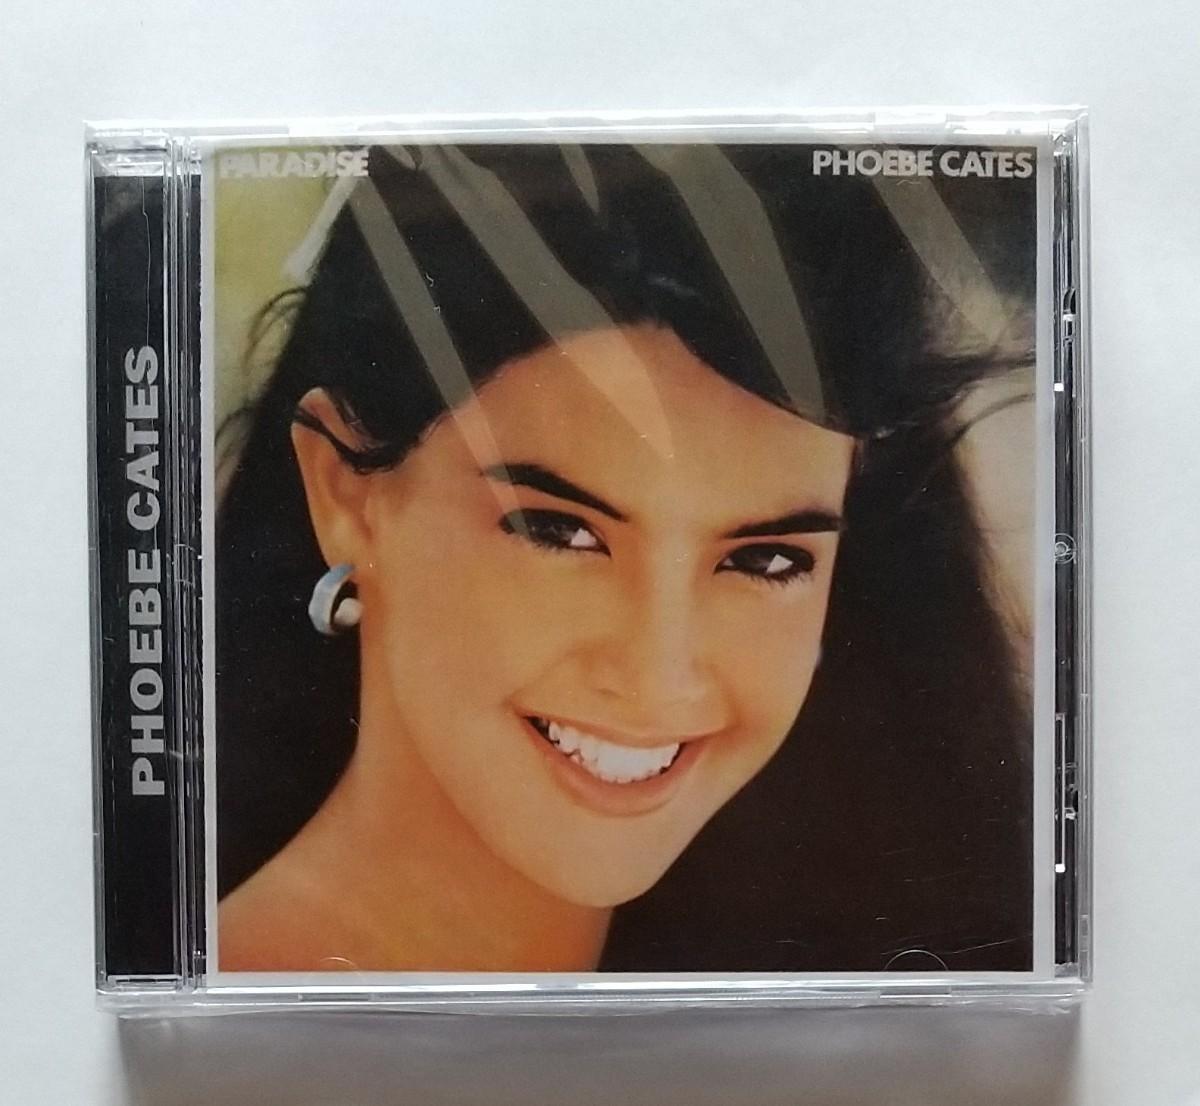 CD 輸入盤リプロ盤 フィービー・ケイツ パラダイス  Phoebe Cates Paradice